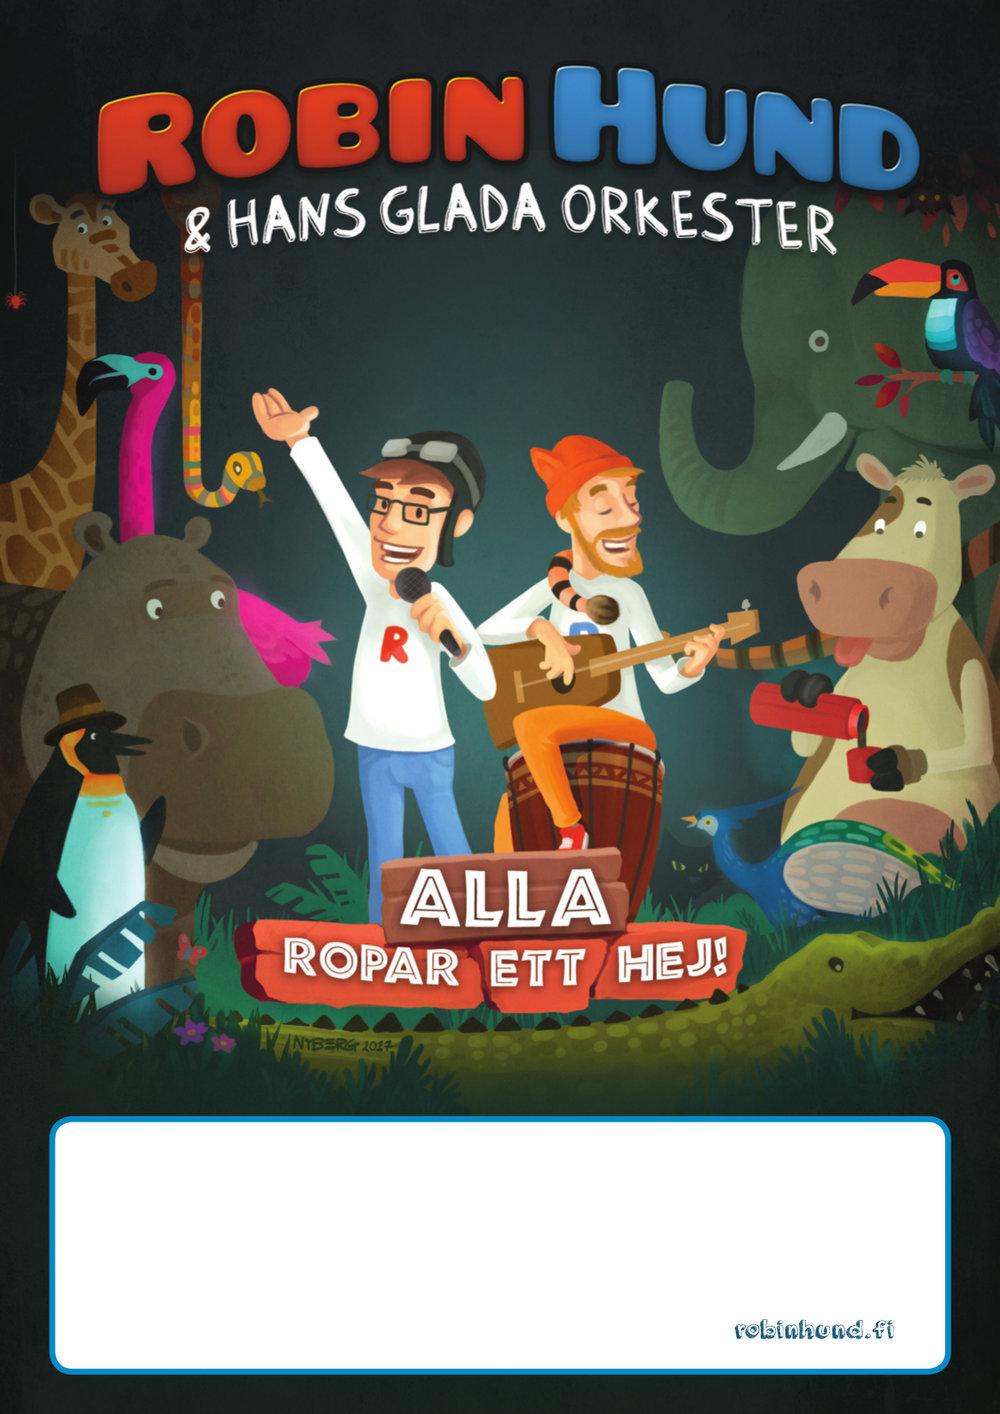 Robin Hund & Hans glada orkester affisch